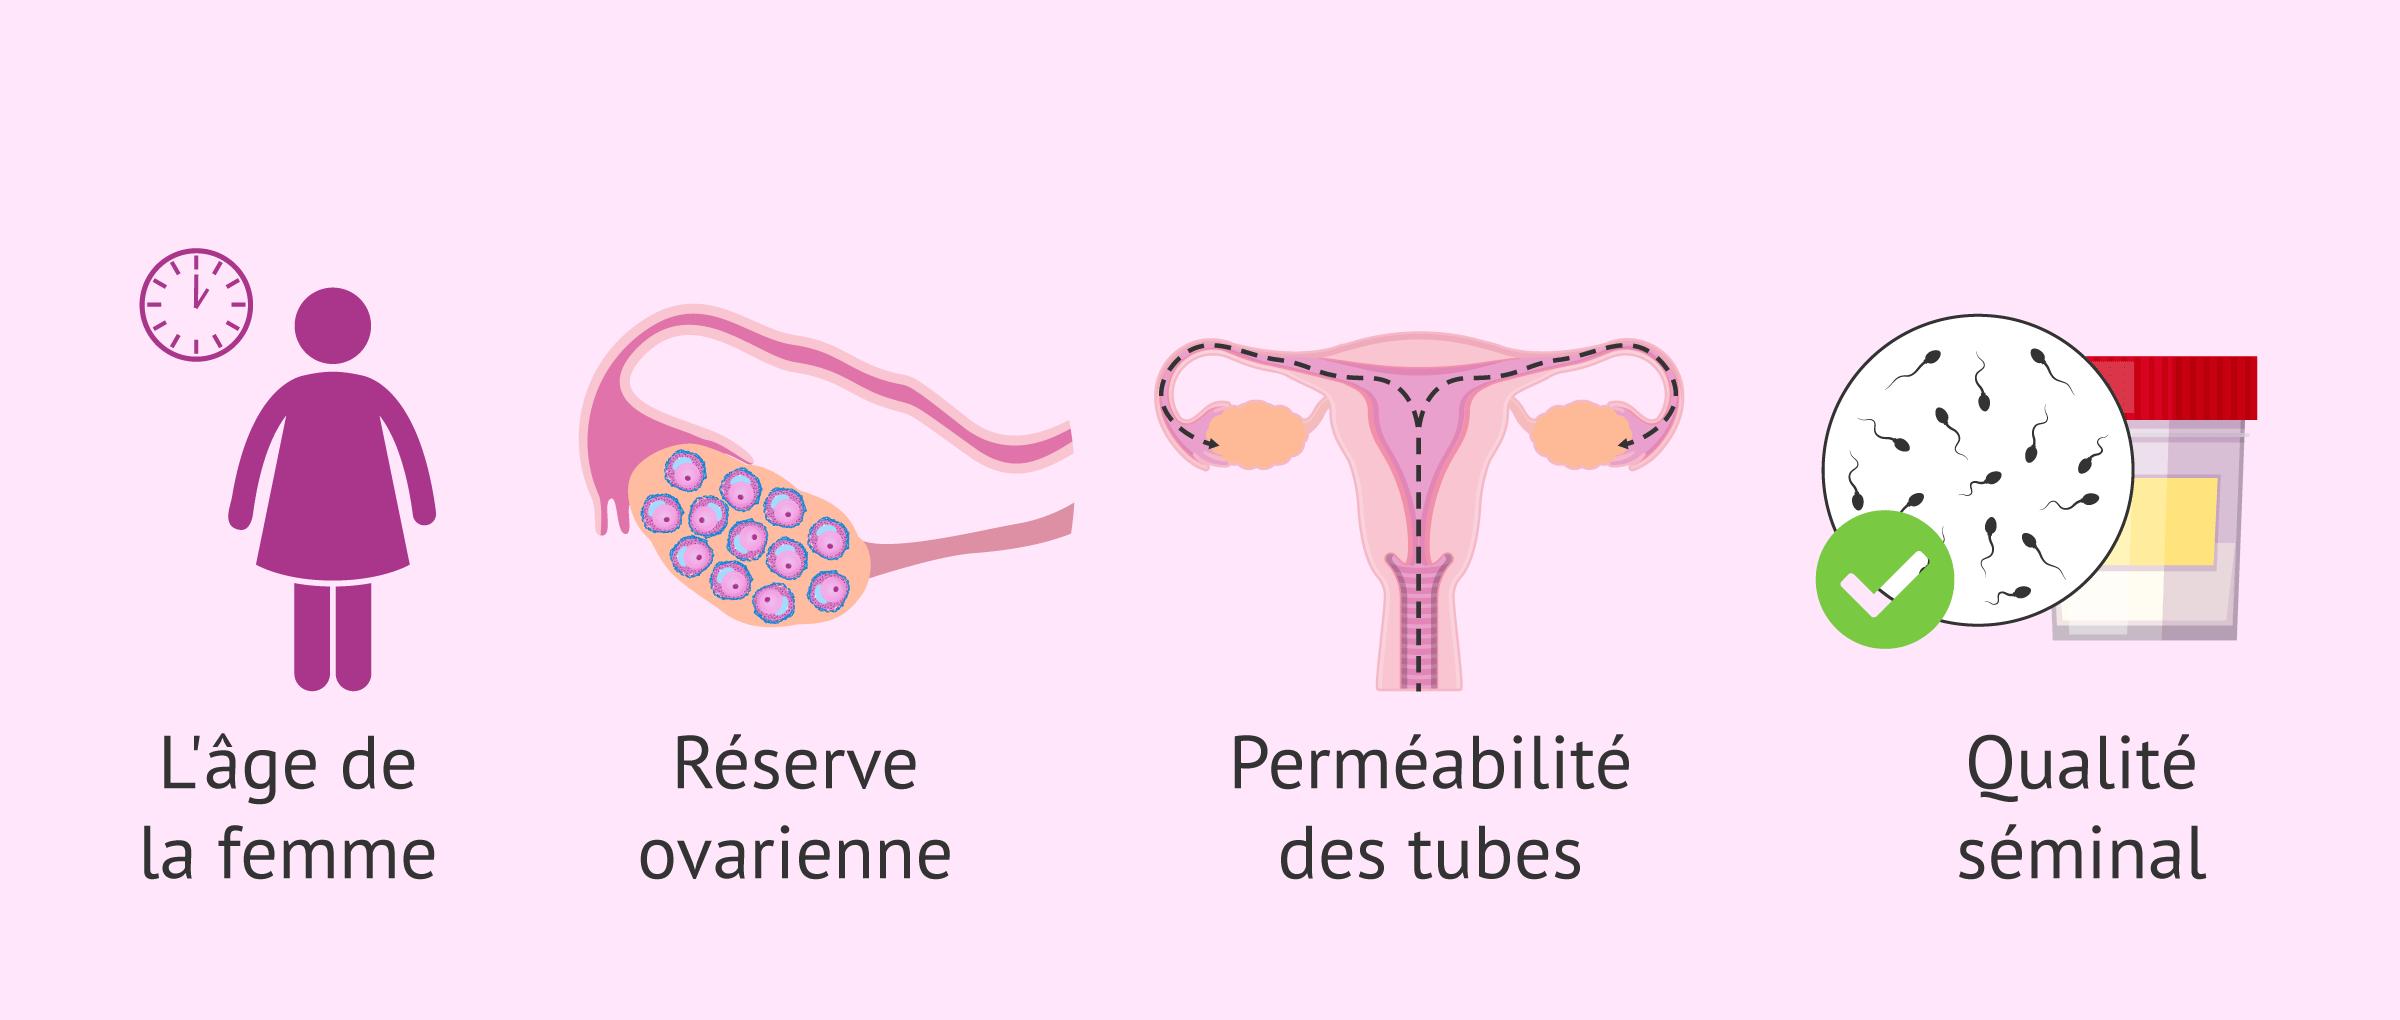 Imagen: Aspects du choix du traitement reproductif